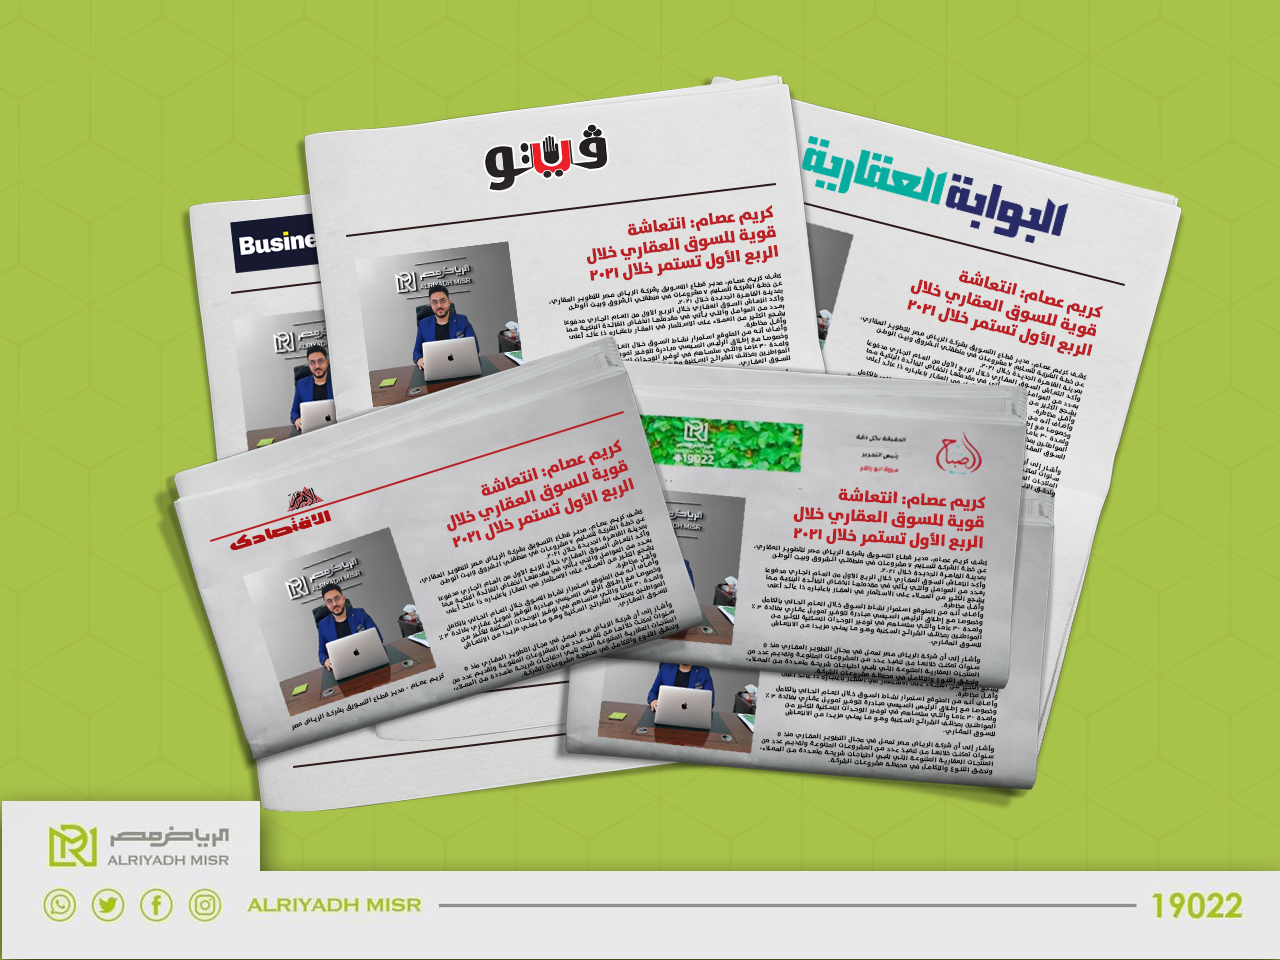 كريم-عصام-انتعاش-قوي-للسوق-العقاري-خلال-الربع-الأول-تستمر-خلال-2021-الرياض-مصر-للتطوير-العقاري